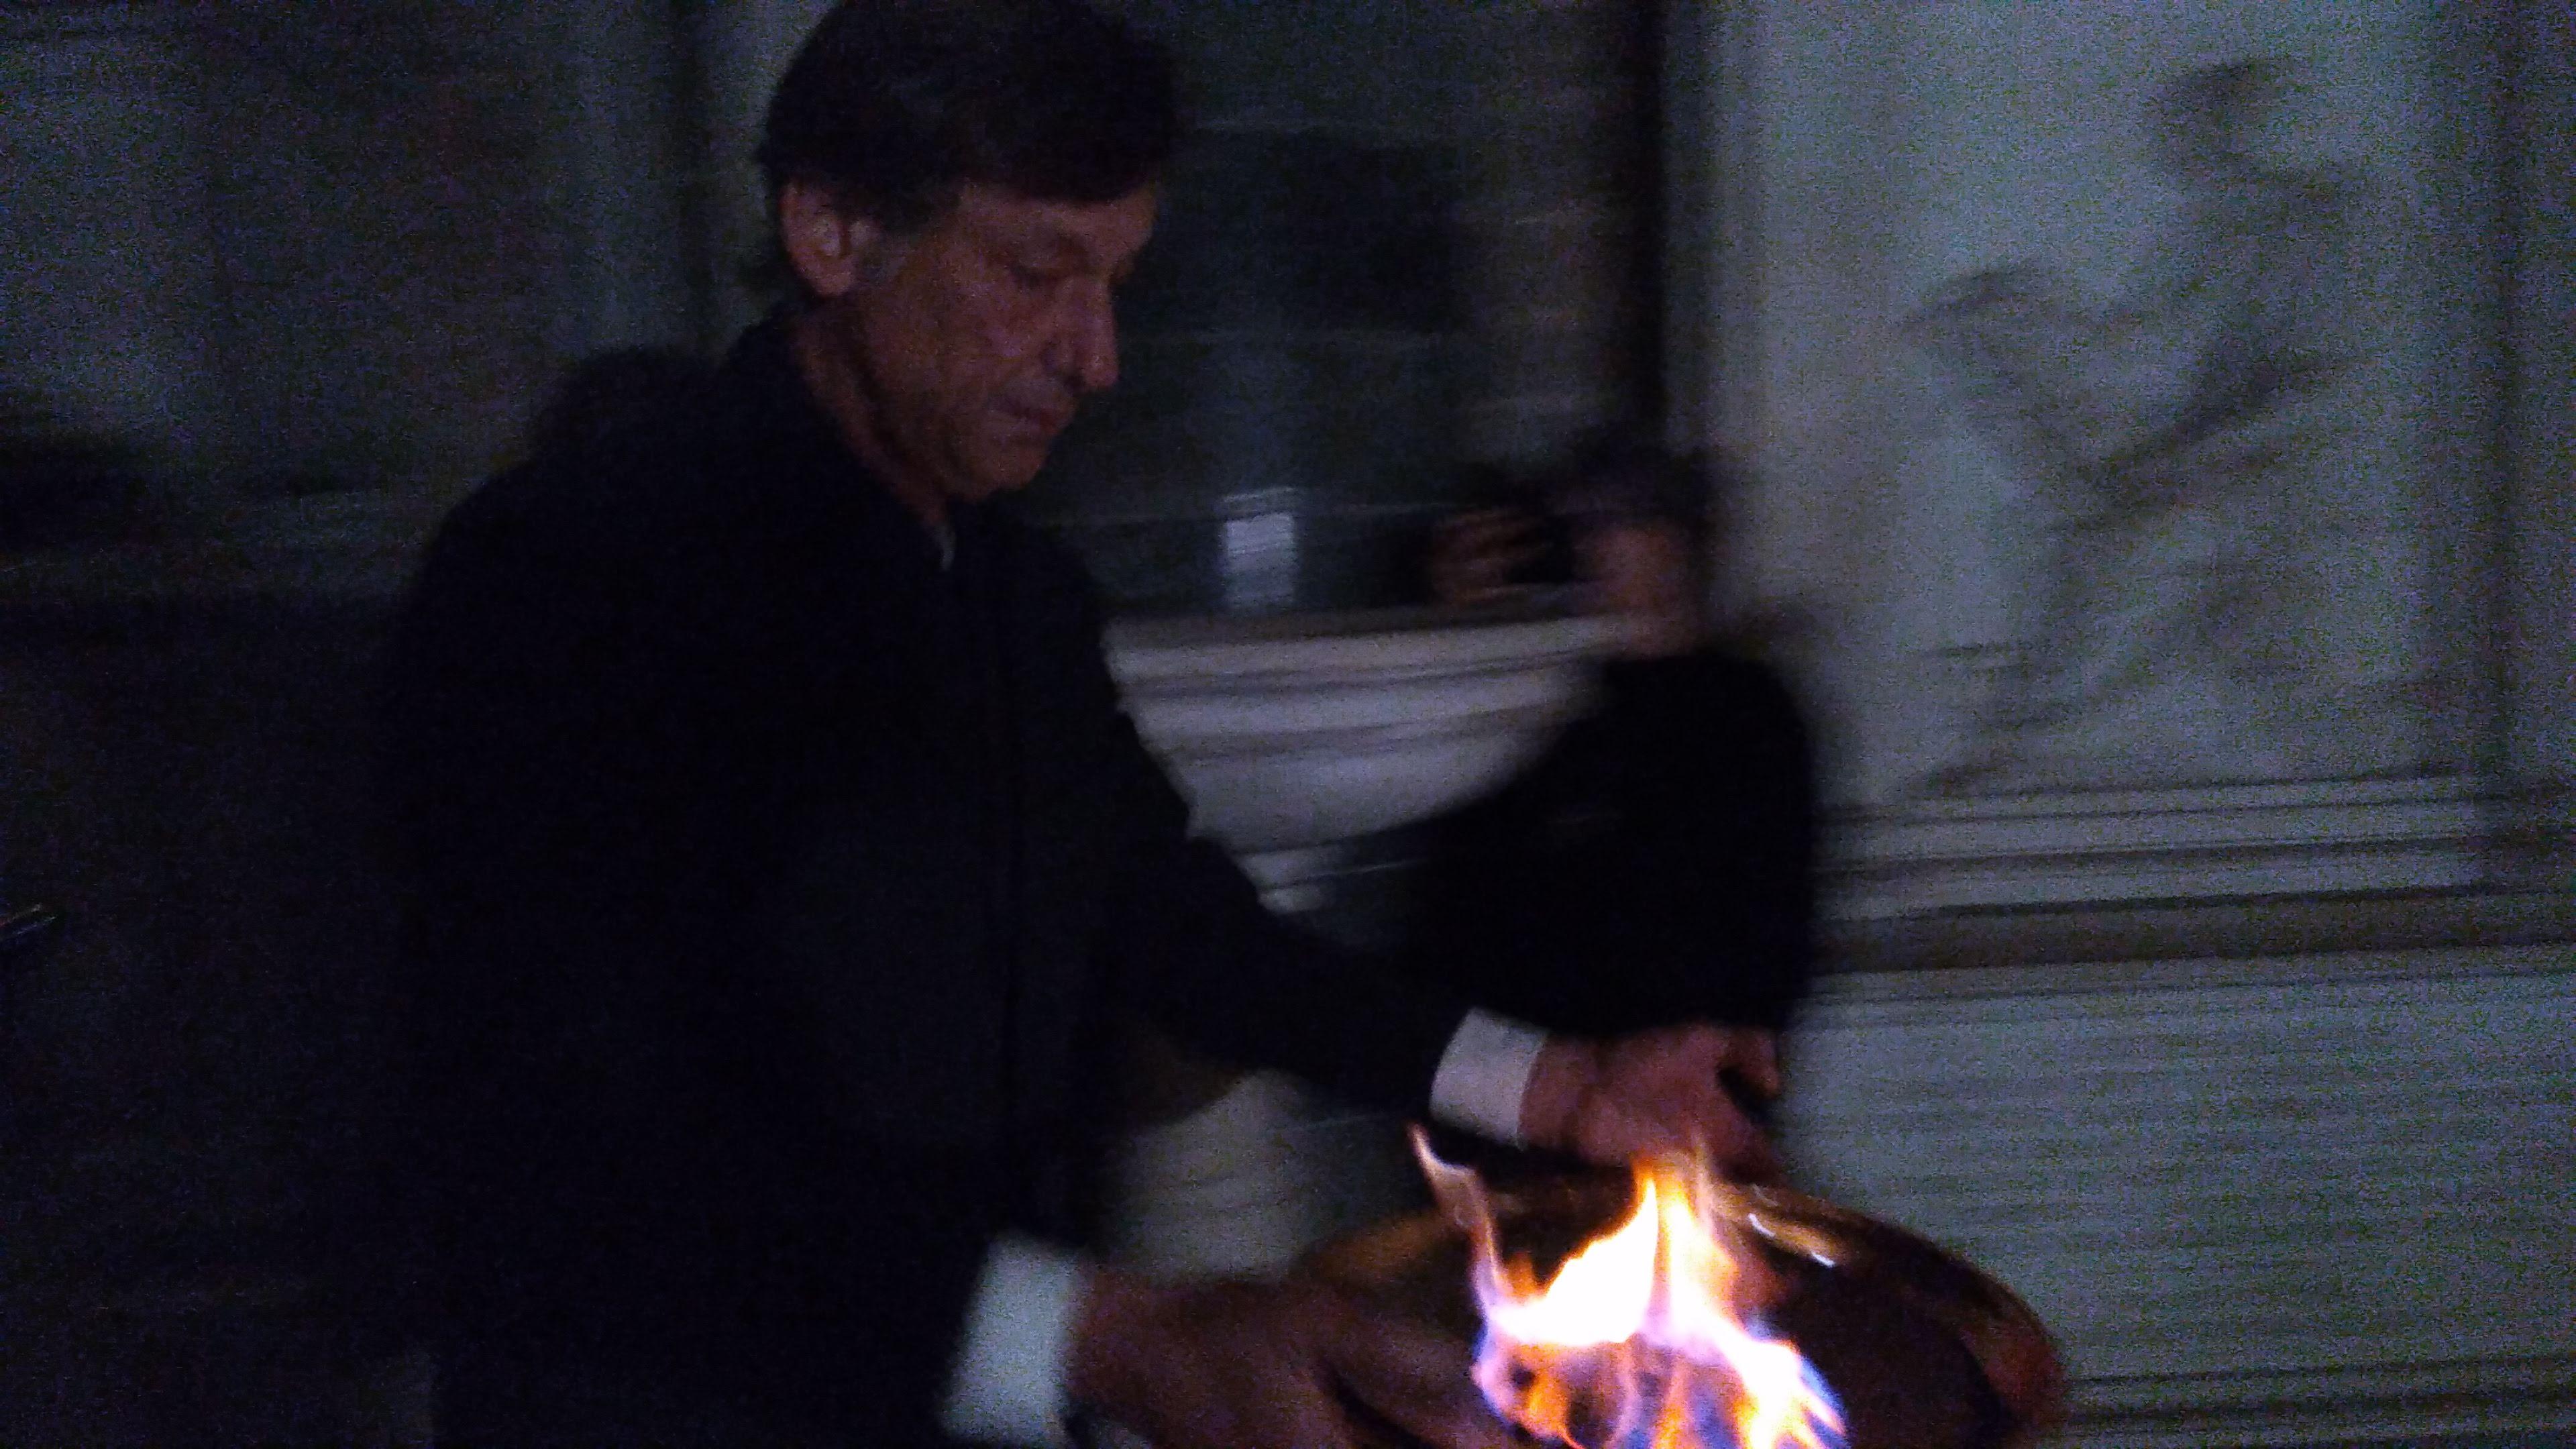 Cunque Evigilasset – musica di Giuseppe Scali, opera di Marco Bagnoli